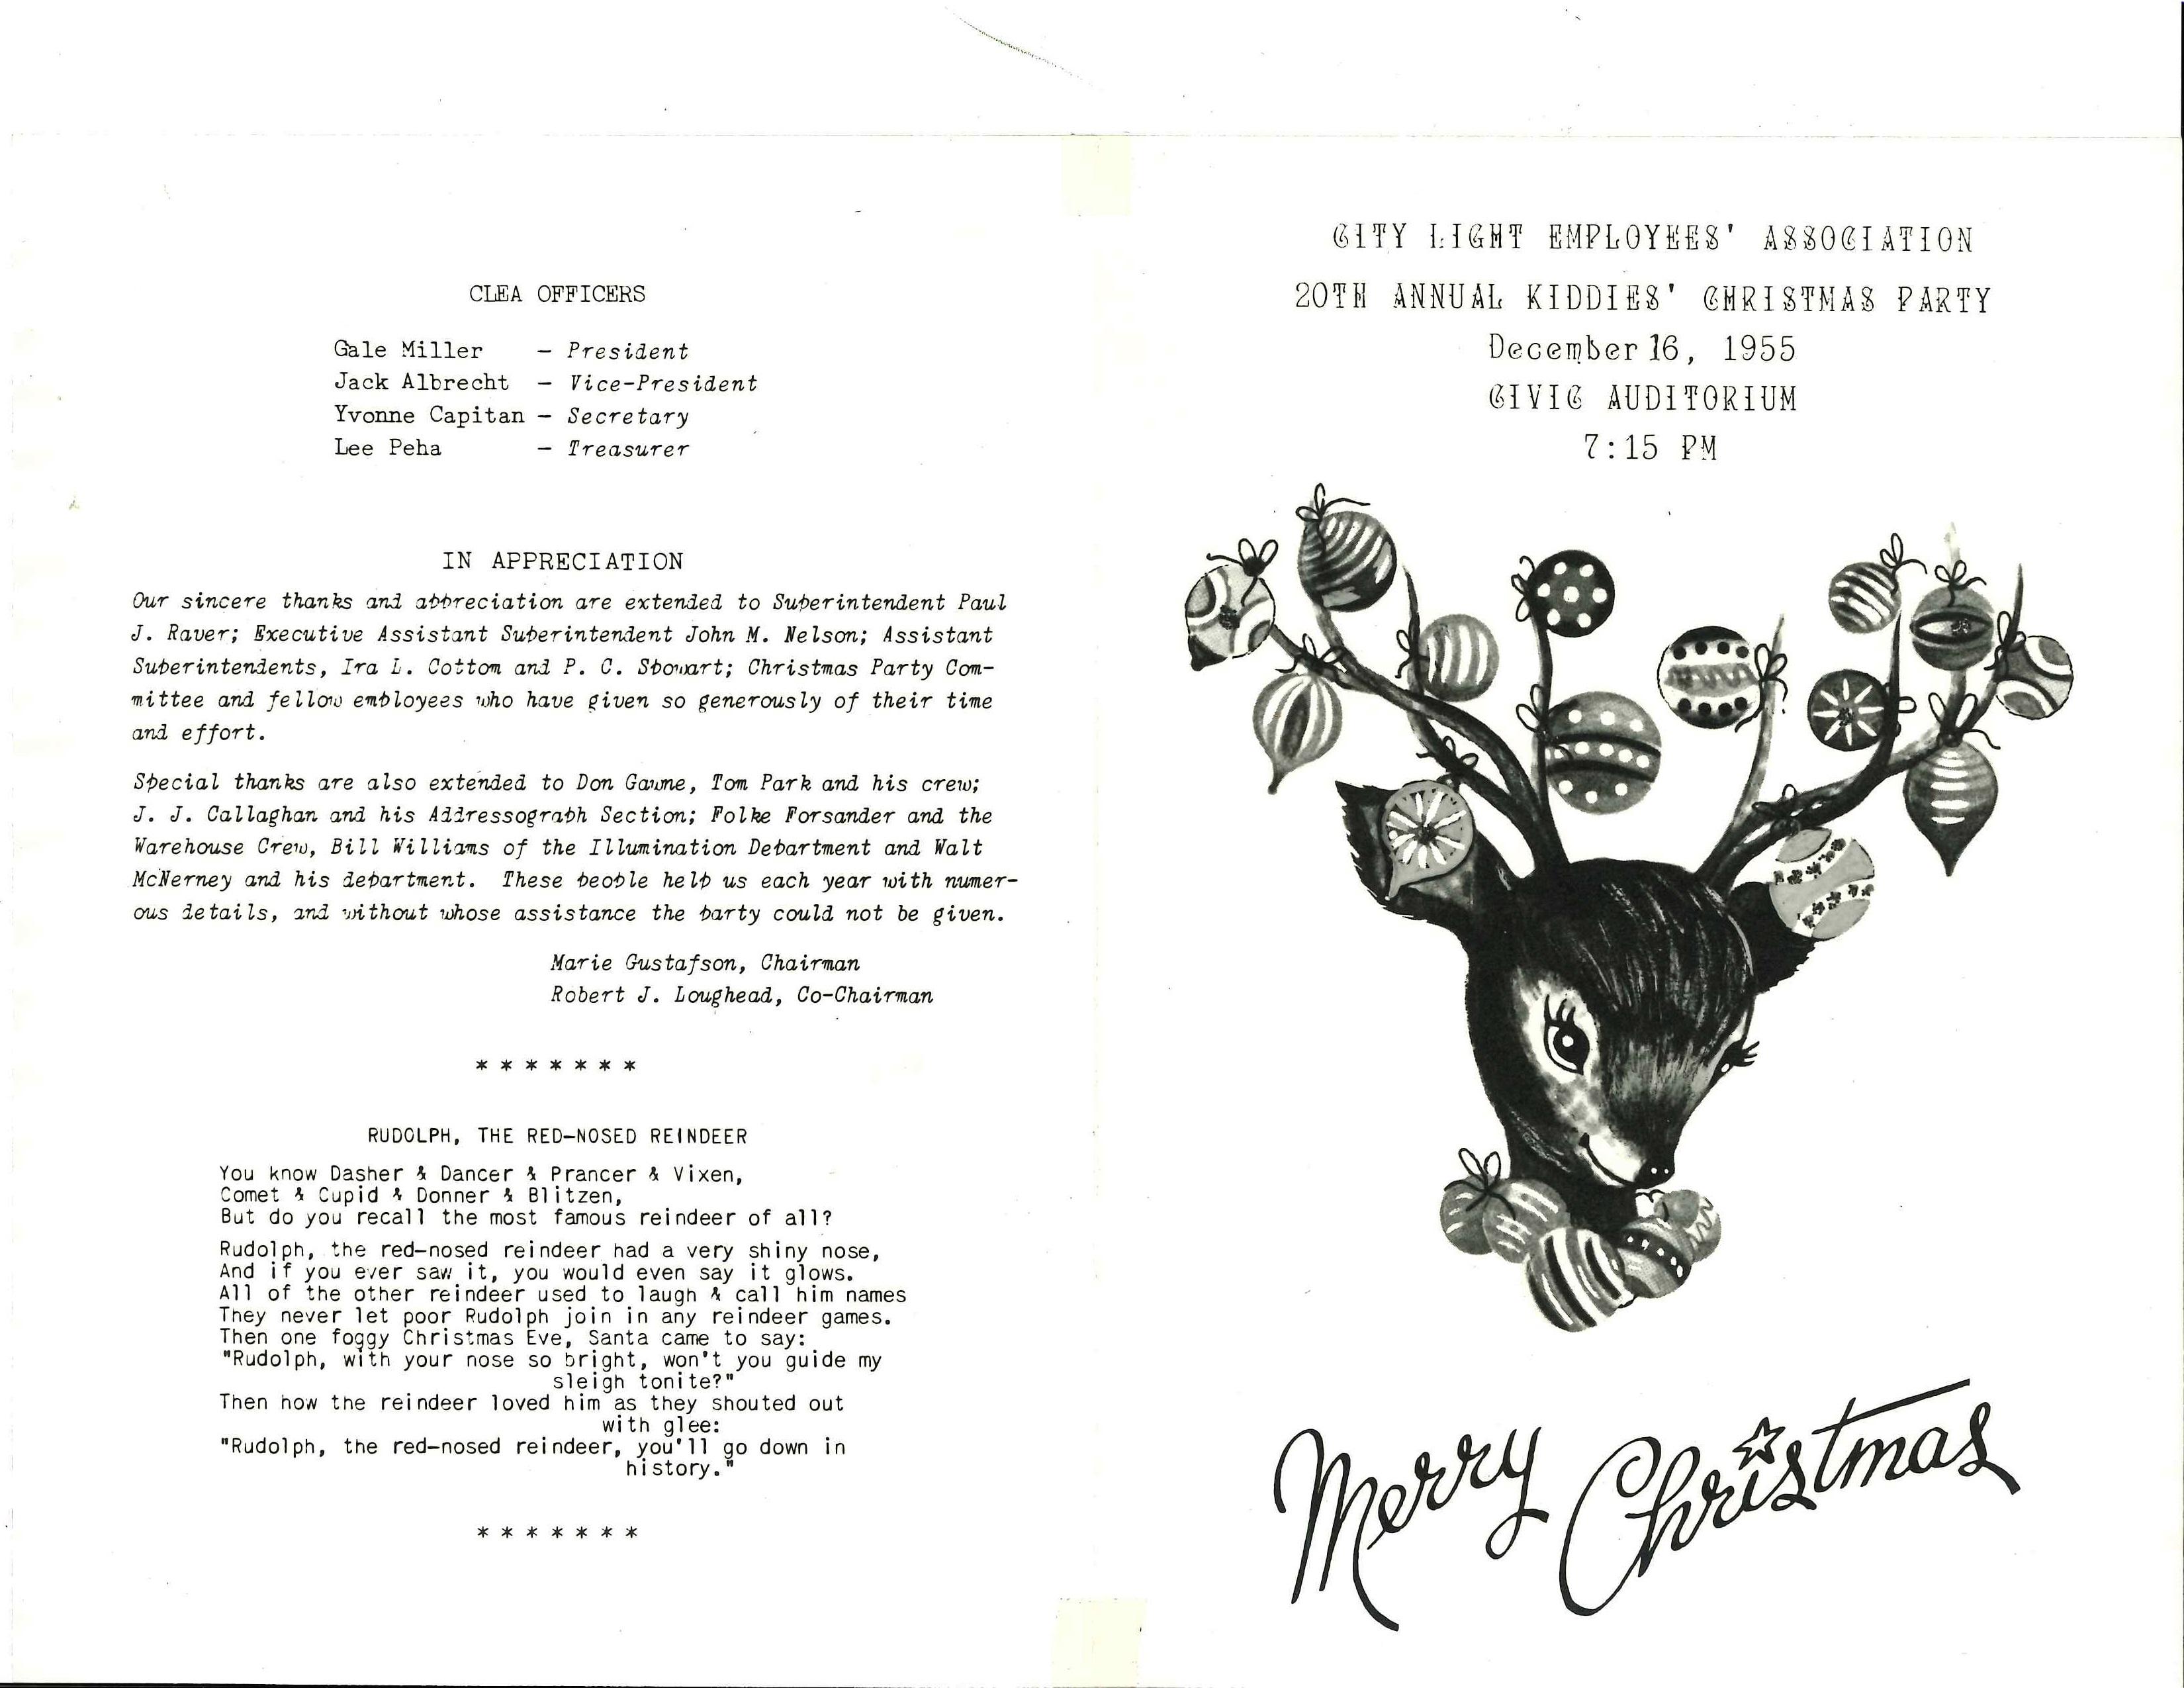 fileseattle city light christmas party program 1955 31455334022jpg